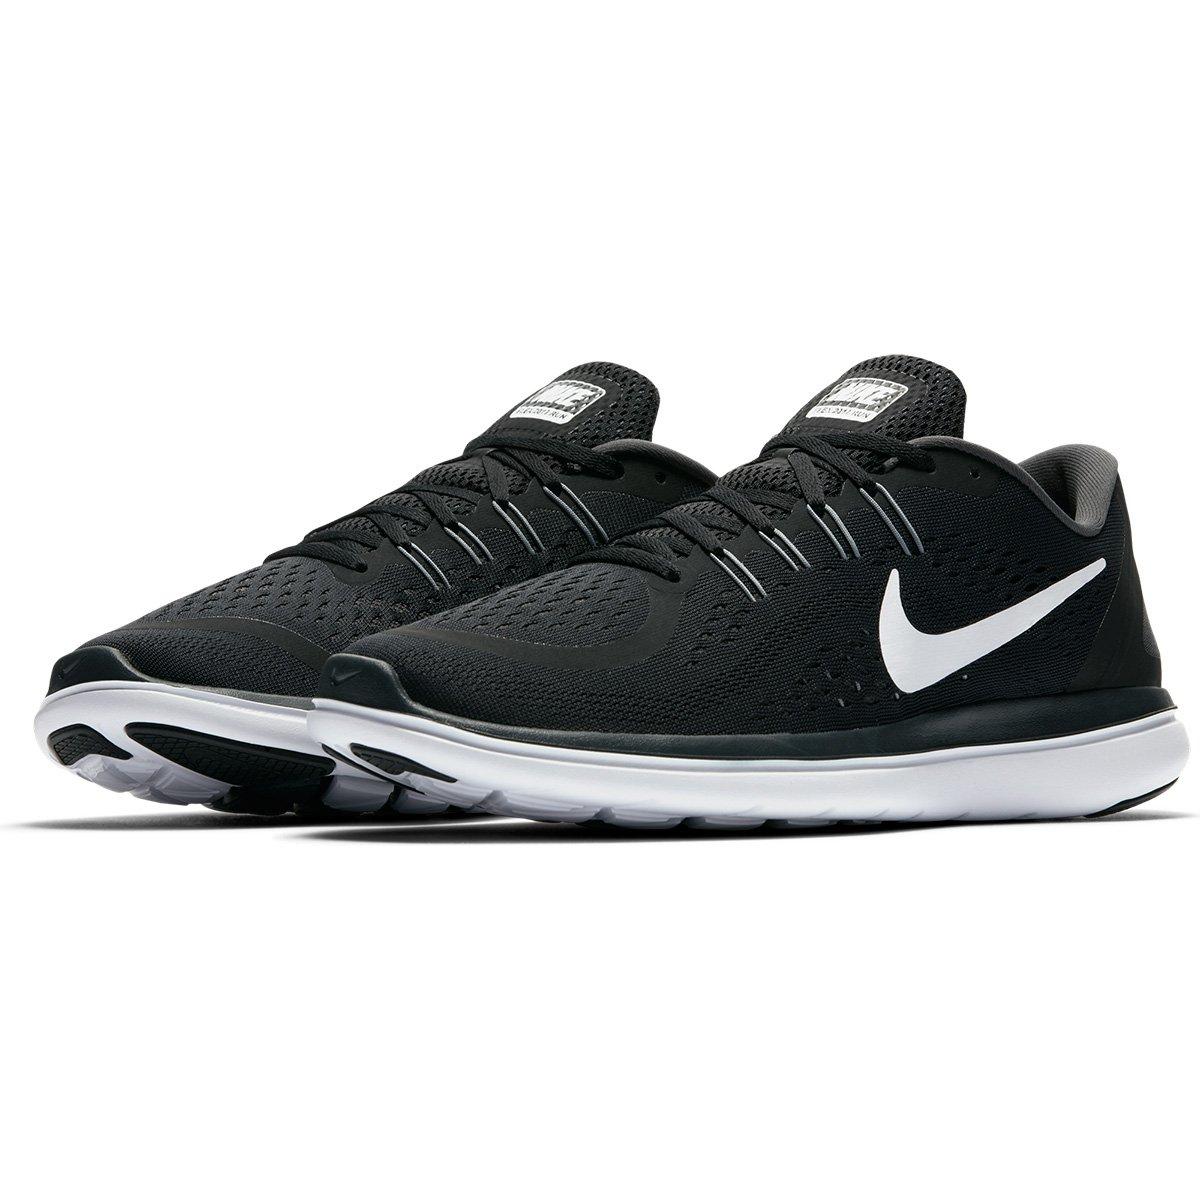 5b0451f8bc Tênis Nike Flex Run Masculino - Preto e Branco - Compre Agora